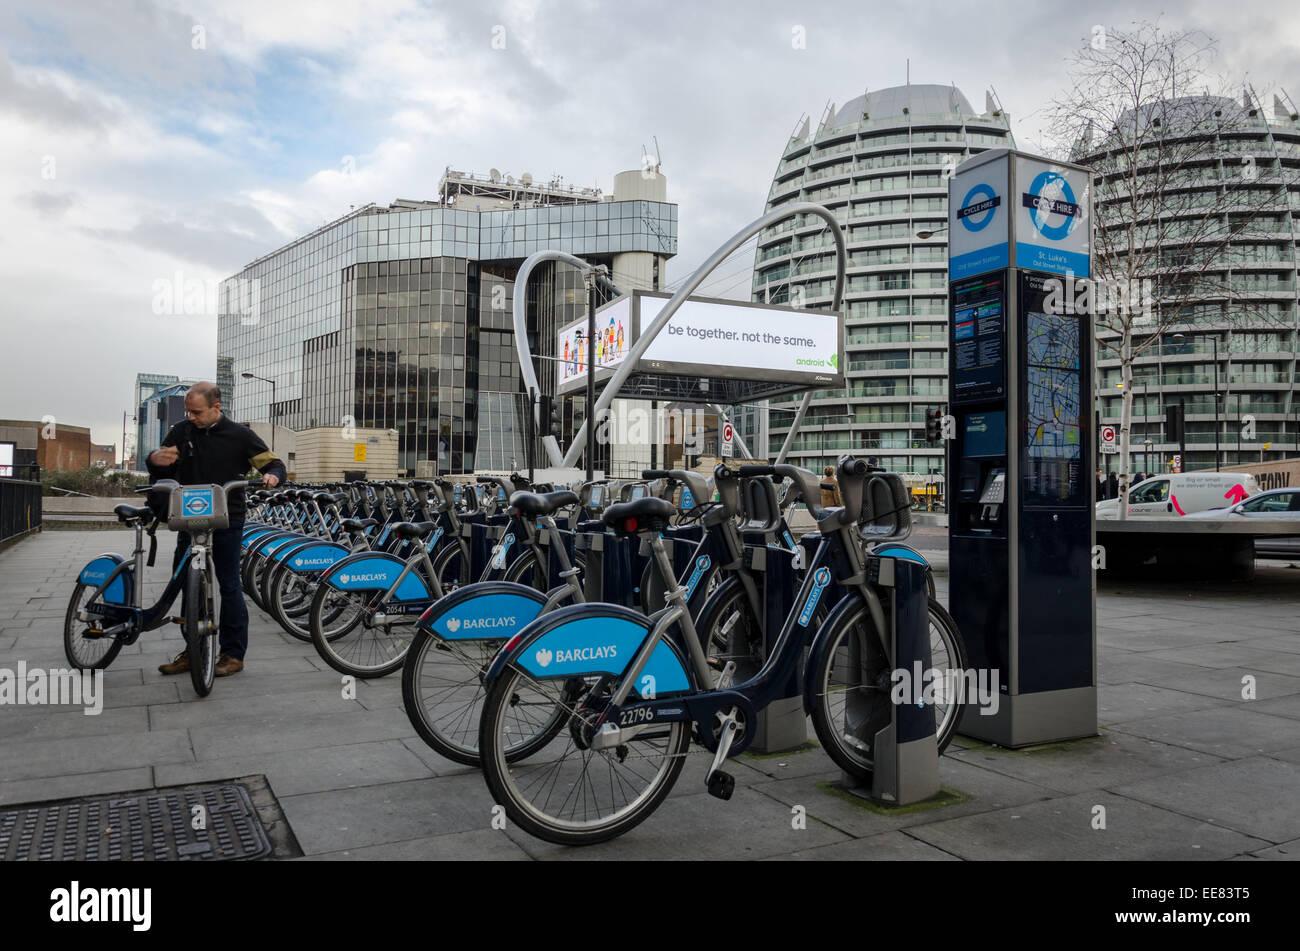 London cycle hire, connu localement sous le nom de 'Borris Bikes' à l'ancien rond-point de la rue. Photo Stock